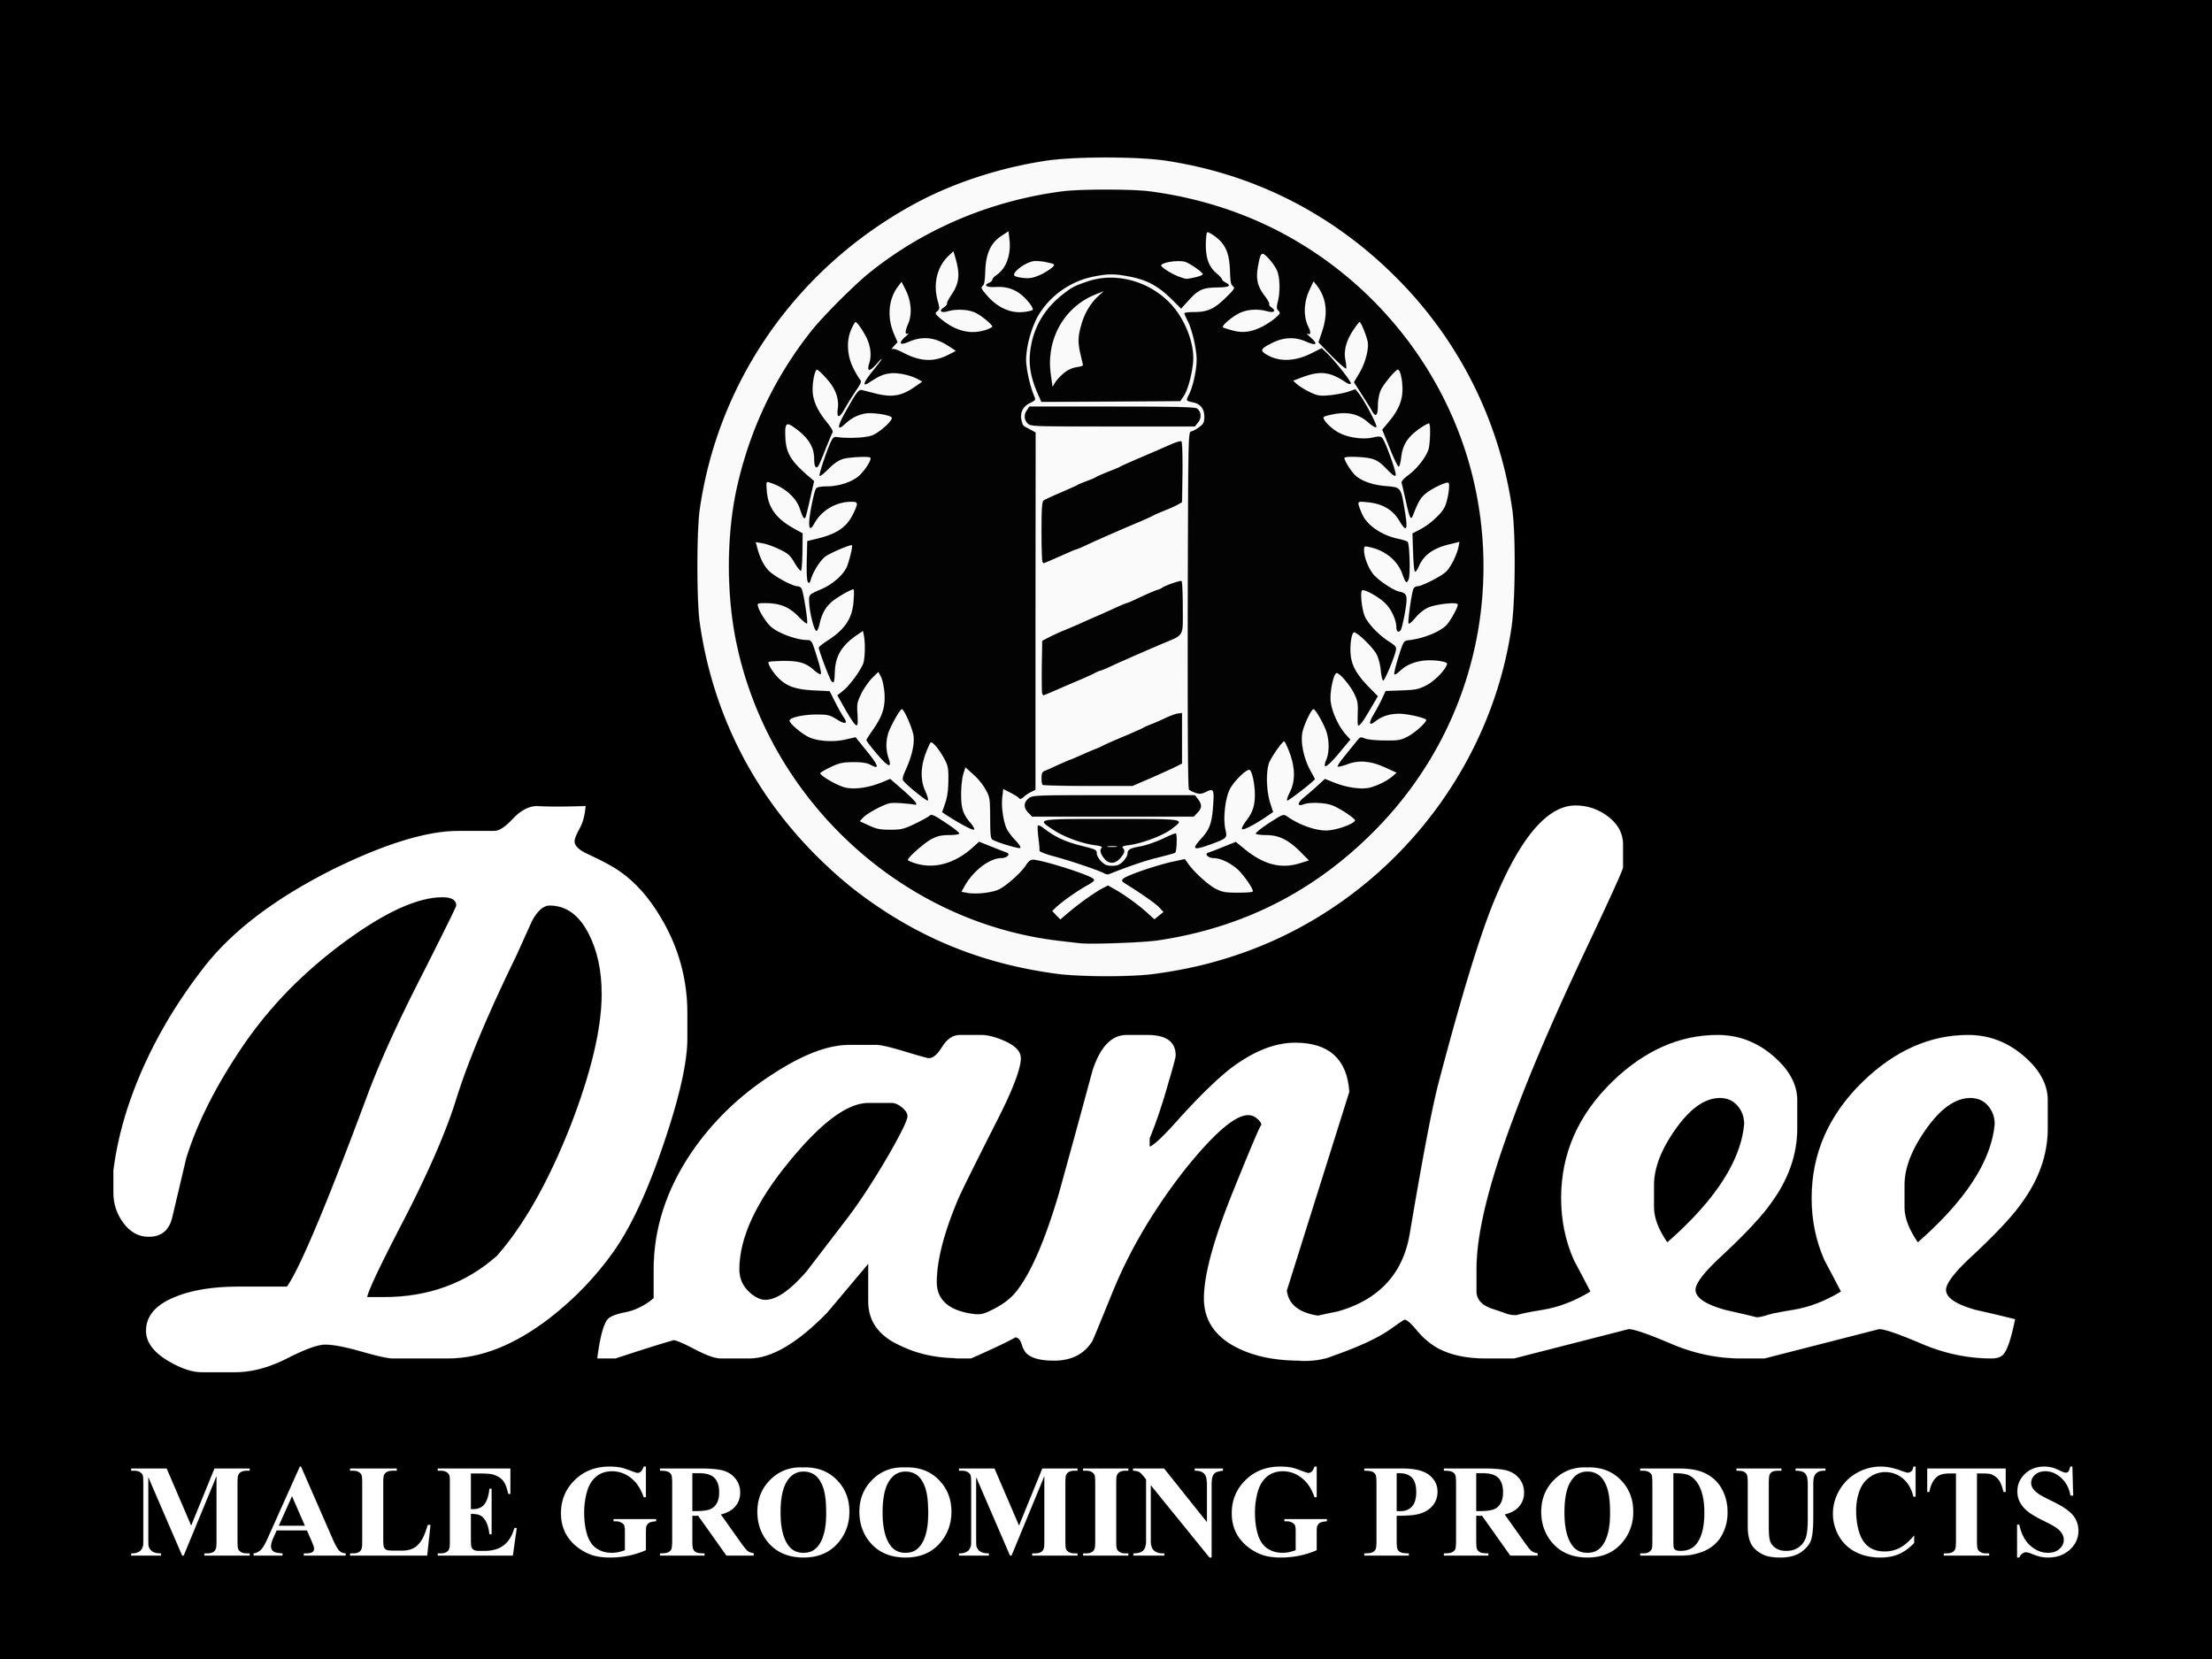 Danlee Male Grooming Products.jpg